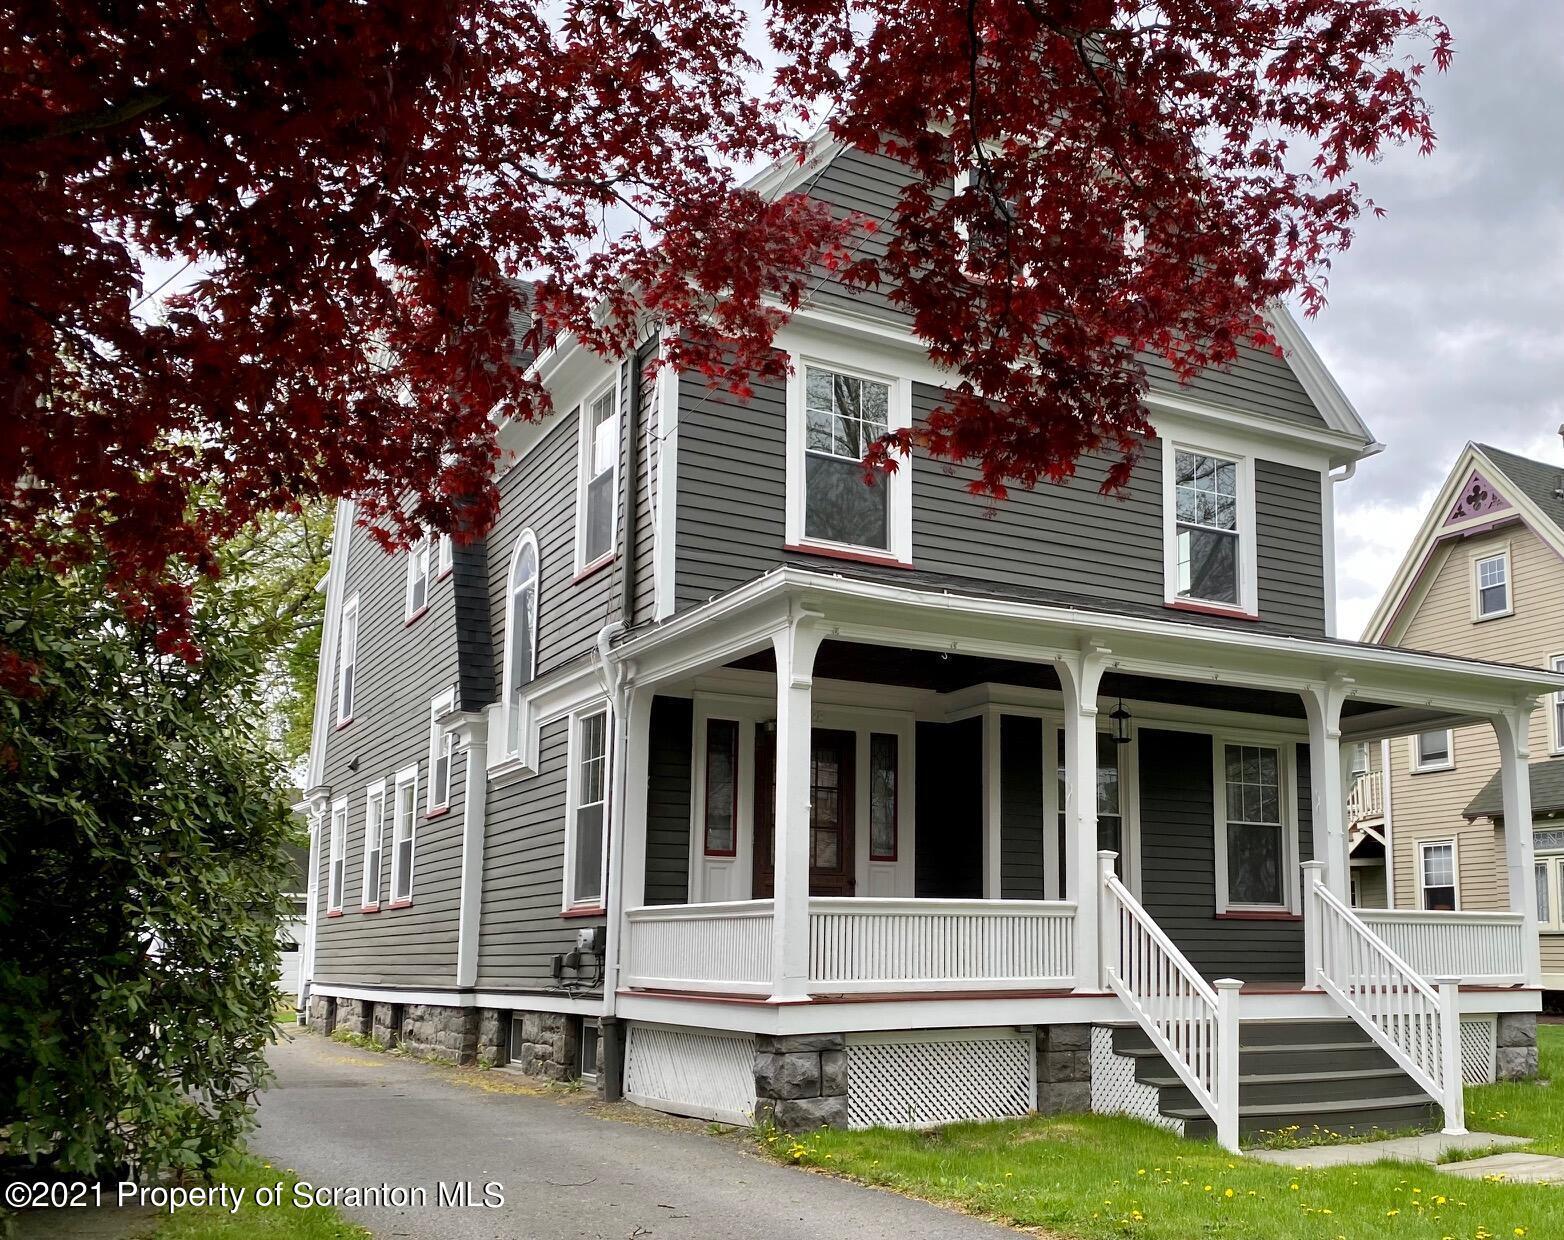 1628 Sanderson Ave, Scranton, Pennsylvania 18509, 5 Bedrooms Bedrooms, 8 Rooms Rooms,2 BathroomsBathrooms,Single Family,For Sale,Sanderson,21-1578